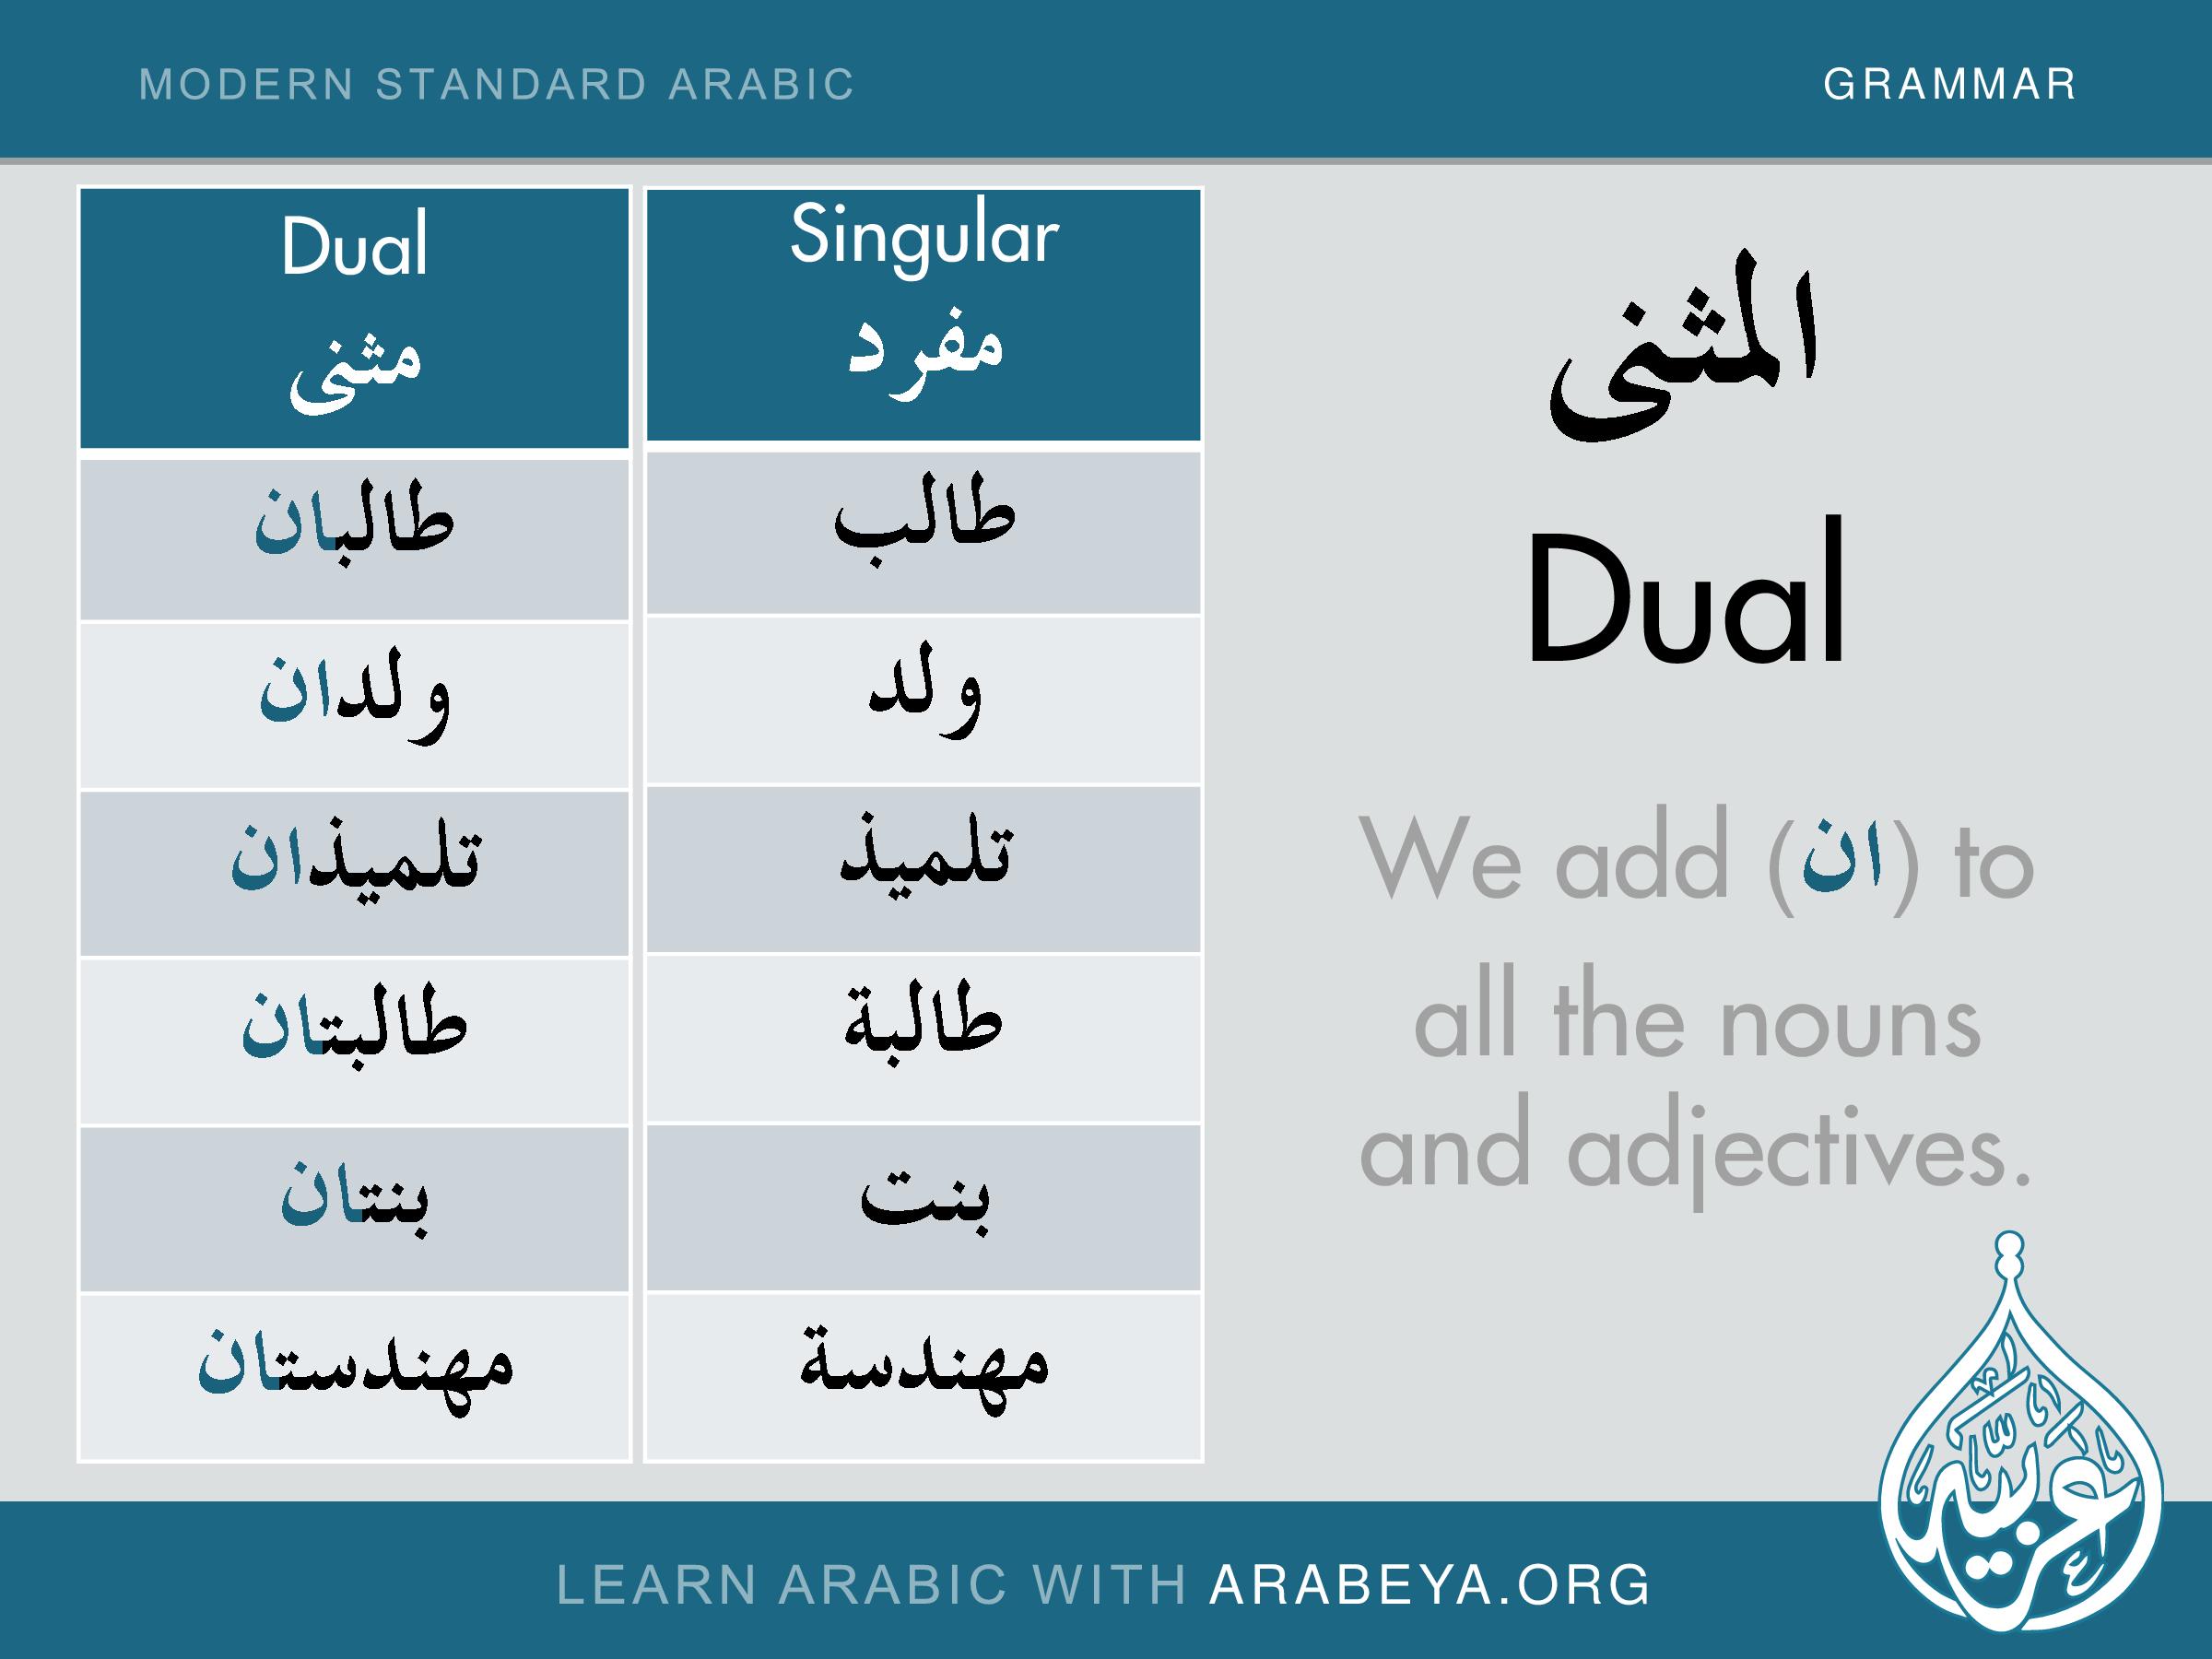 المثني Learning Arabic Arabic Language Learn Arabic Language [ 1800 x 2400 Pixel ]